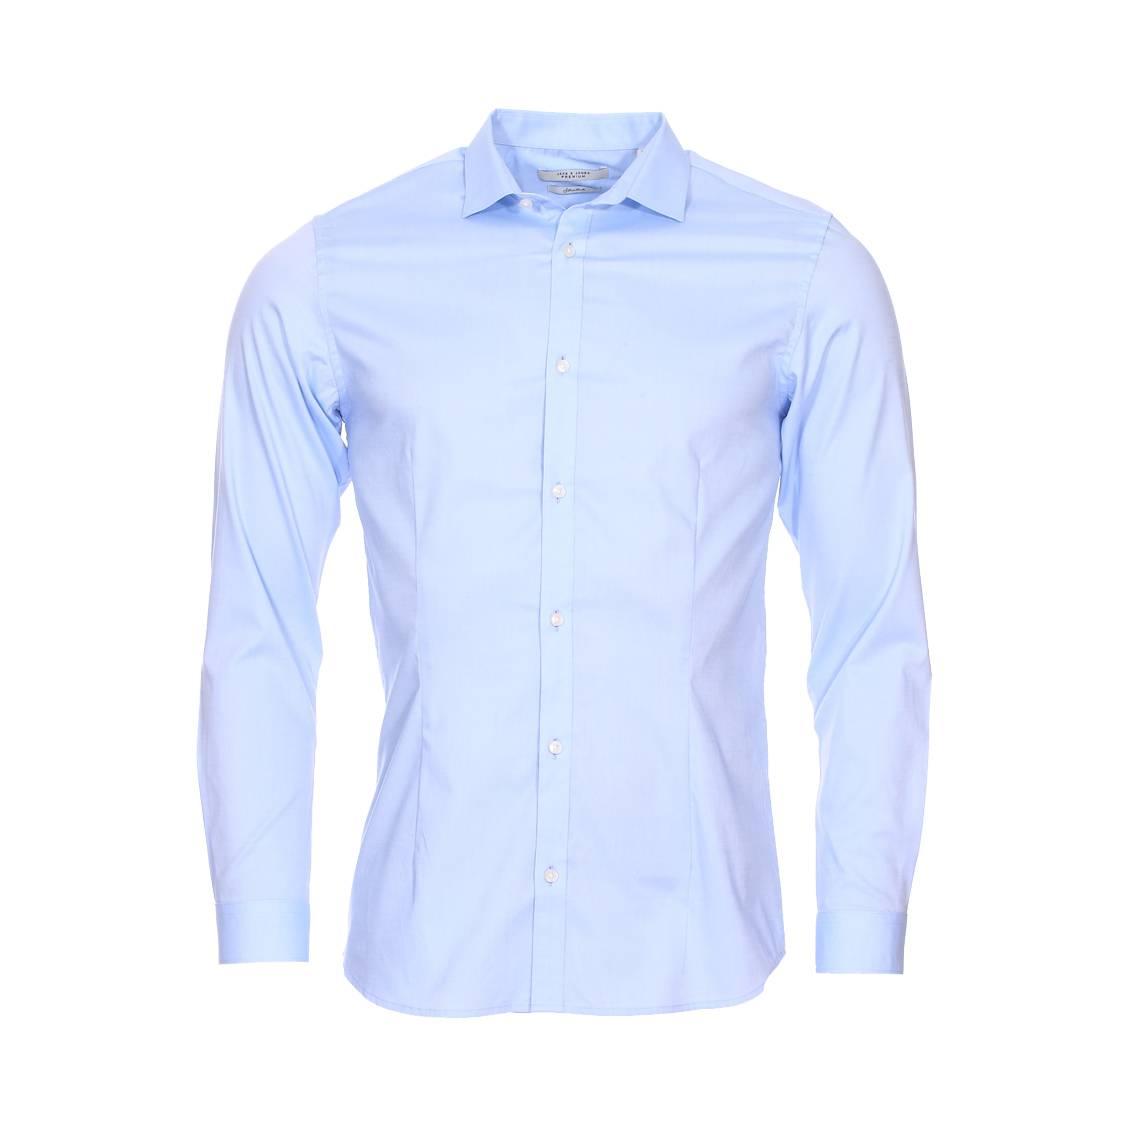 Chemise cintrée jack & jones premium parma en coton stretch bleu ciel